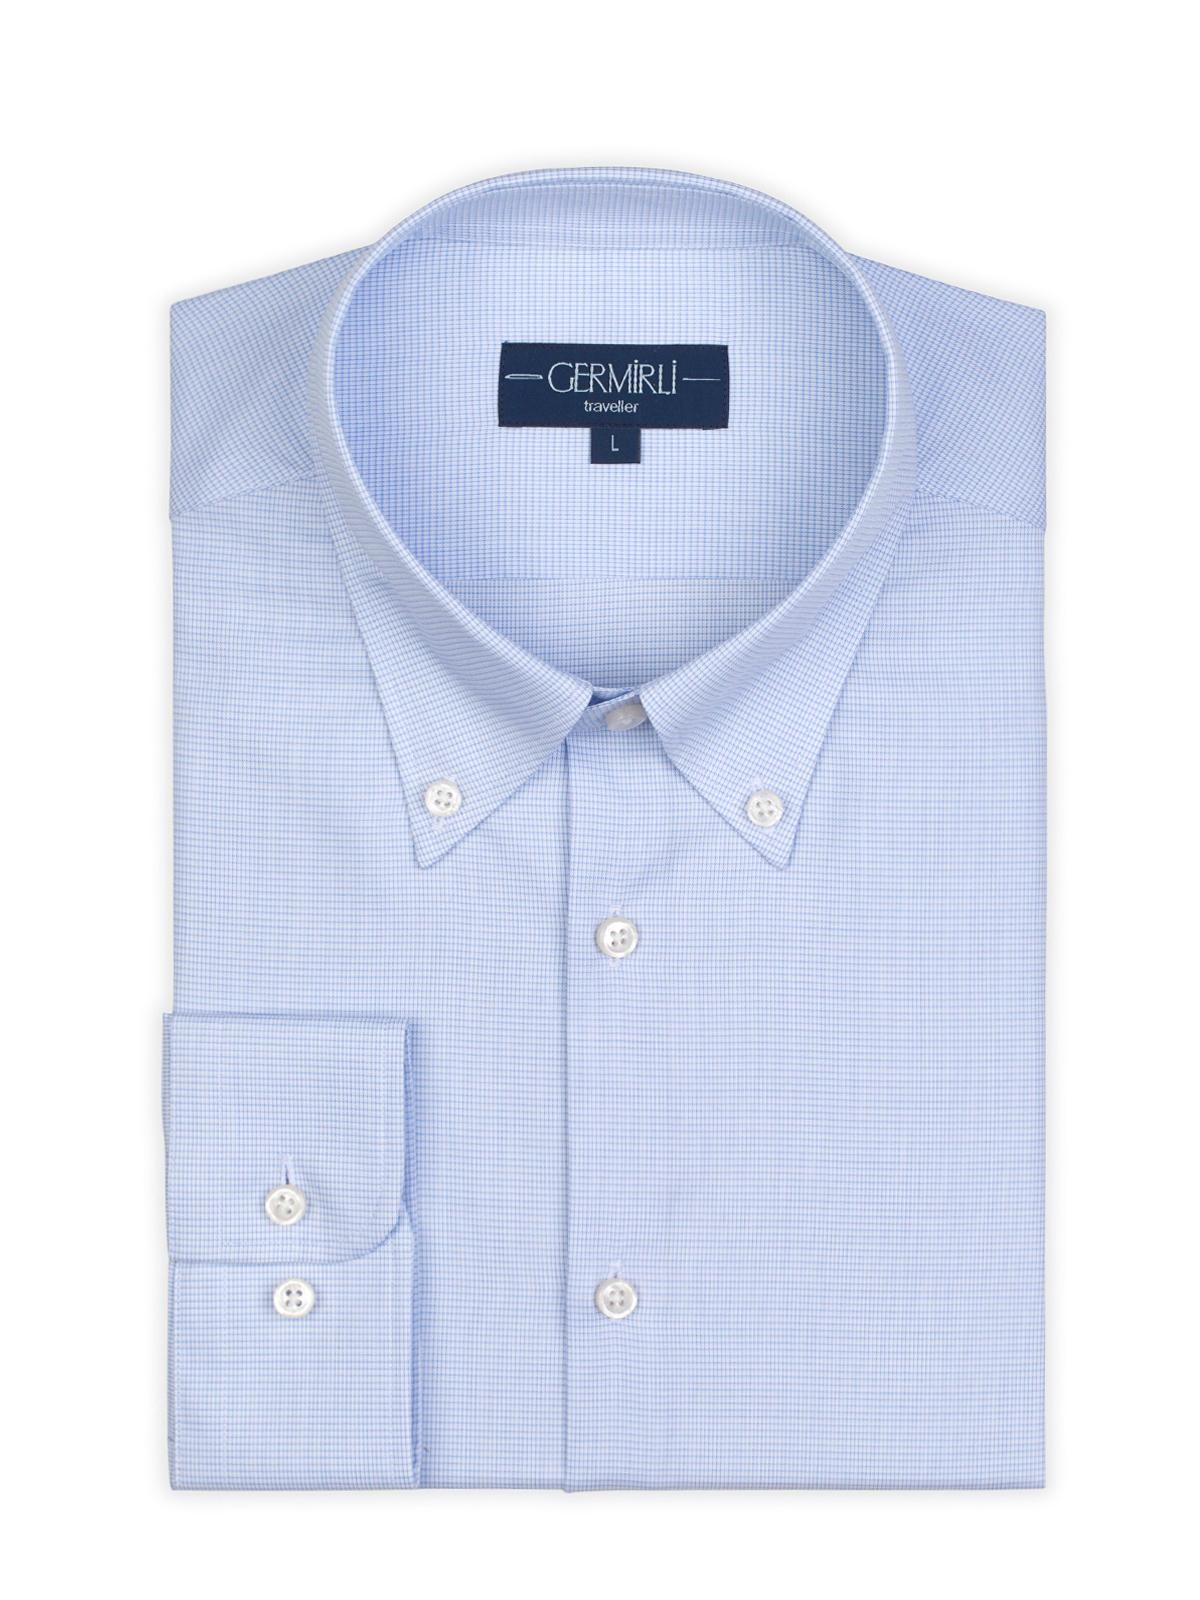 Germirli Non Iron A.Mavi Beyaz Kareli Düğmeli Yaka Tailor Fit Zero 24 Gömlek